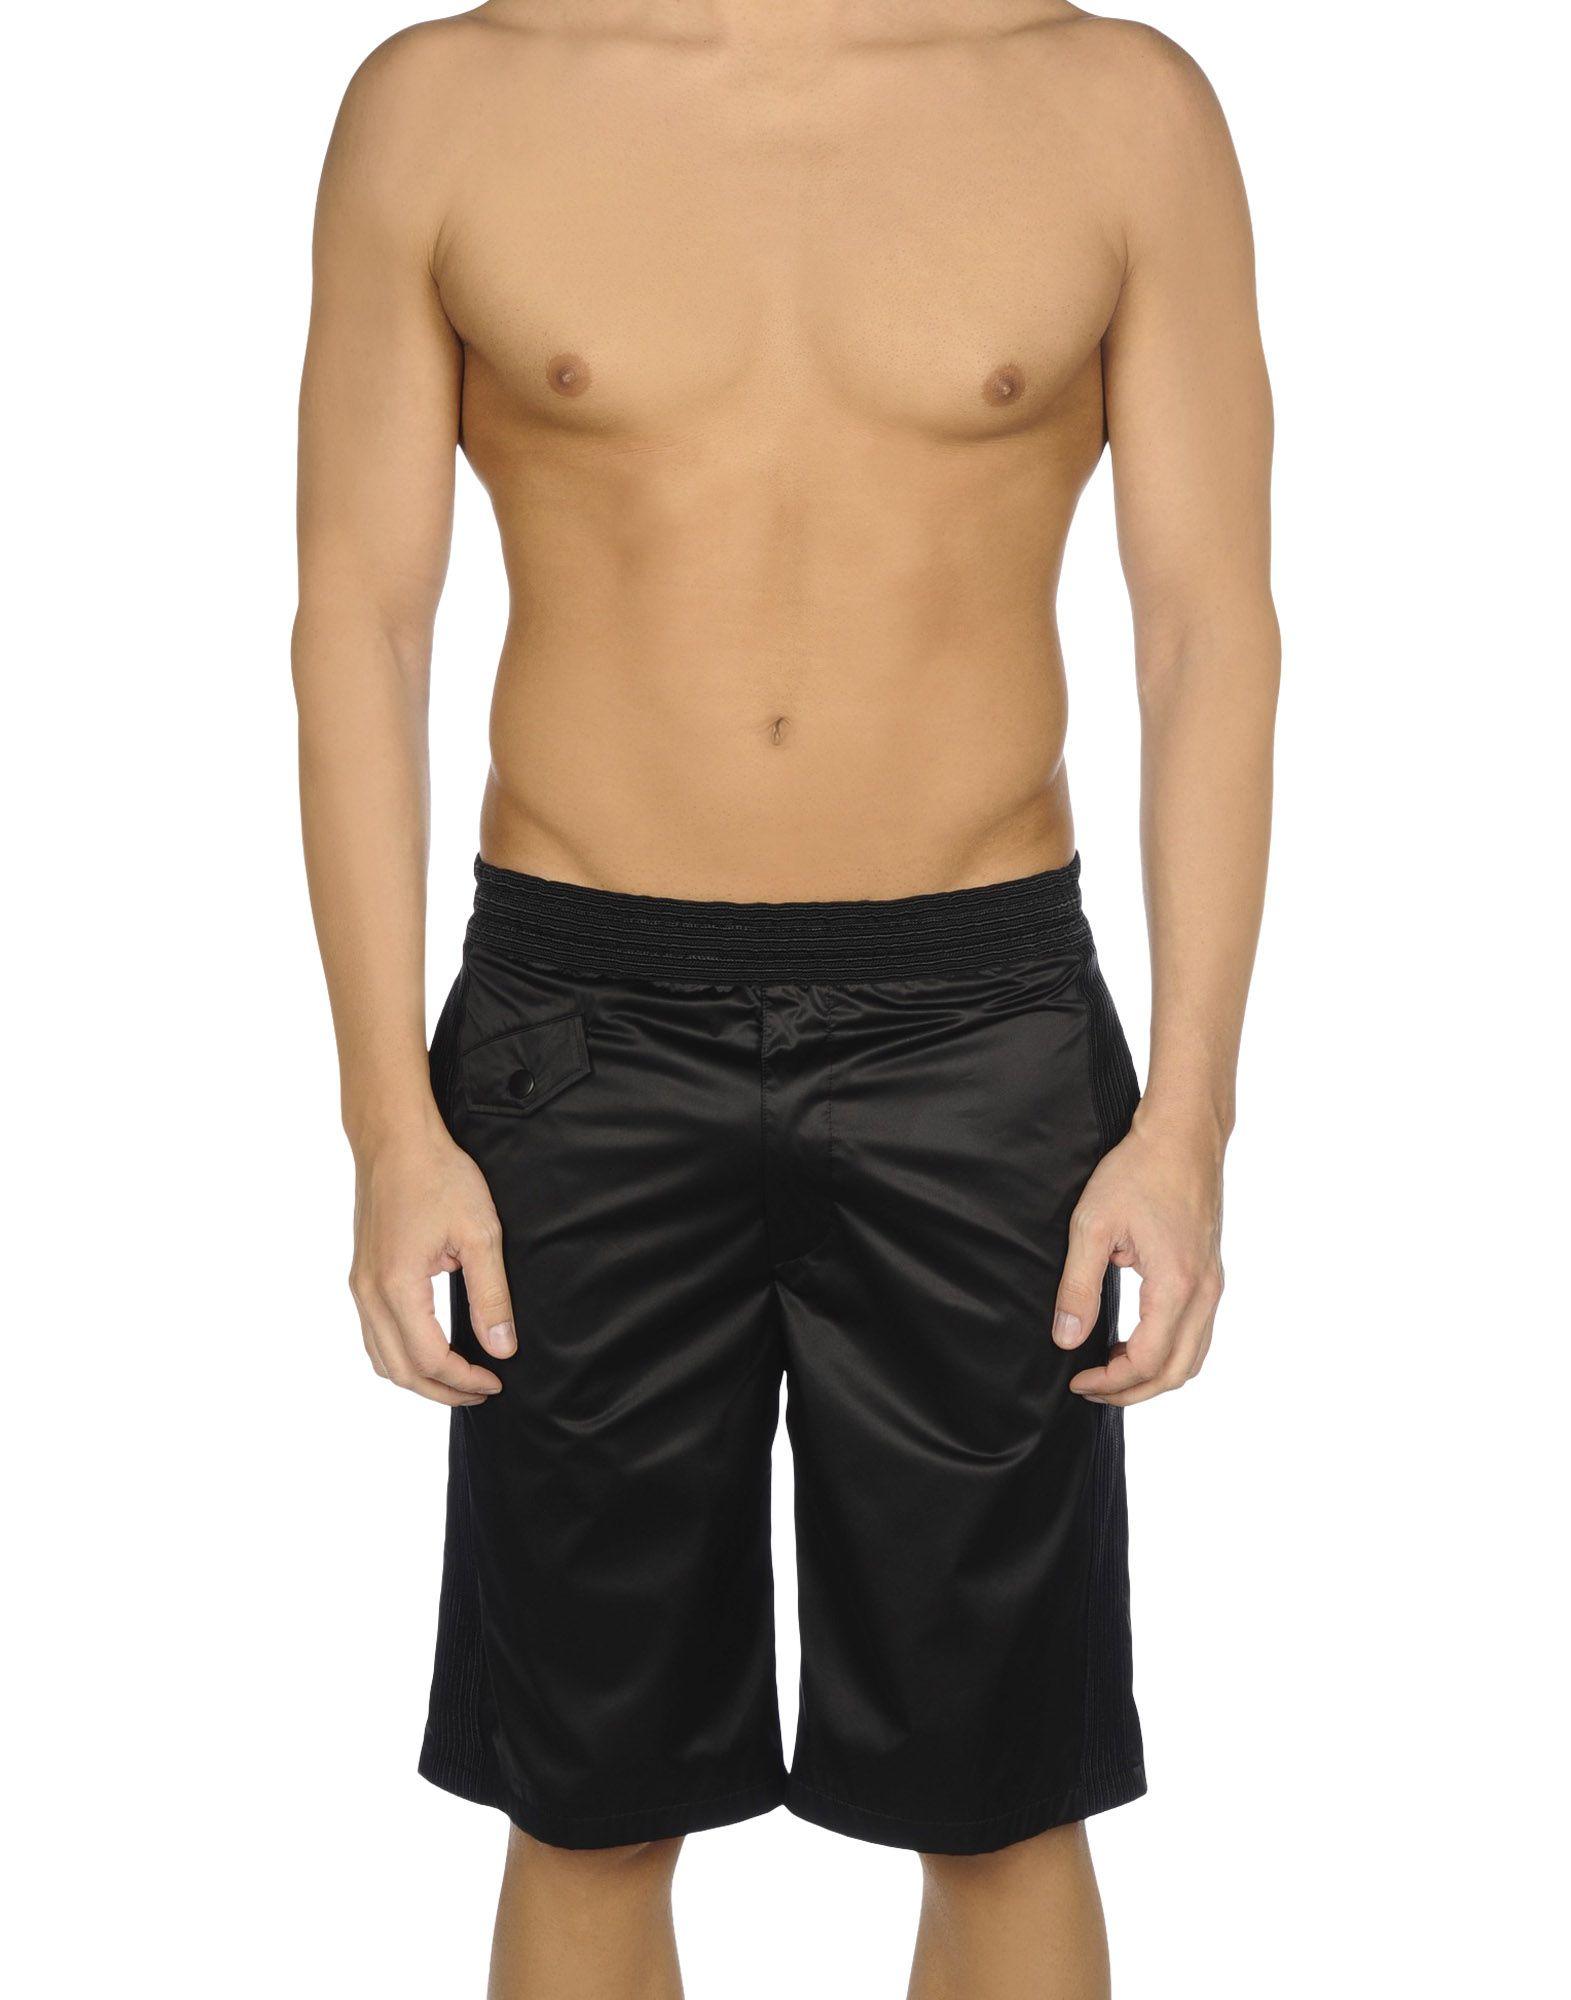 《送料無料》MARC JACOBS メンズ バミューダパンツ ブラック M 100% ポリエステル